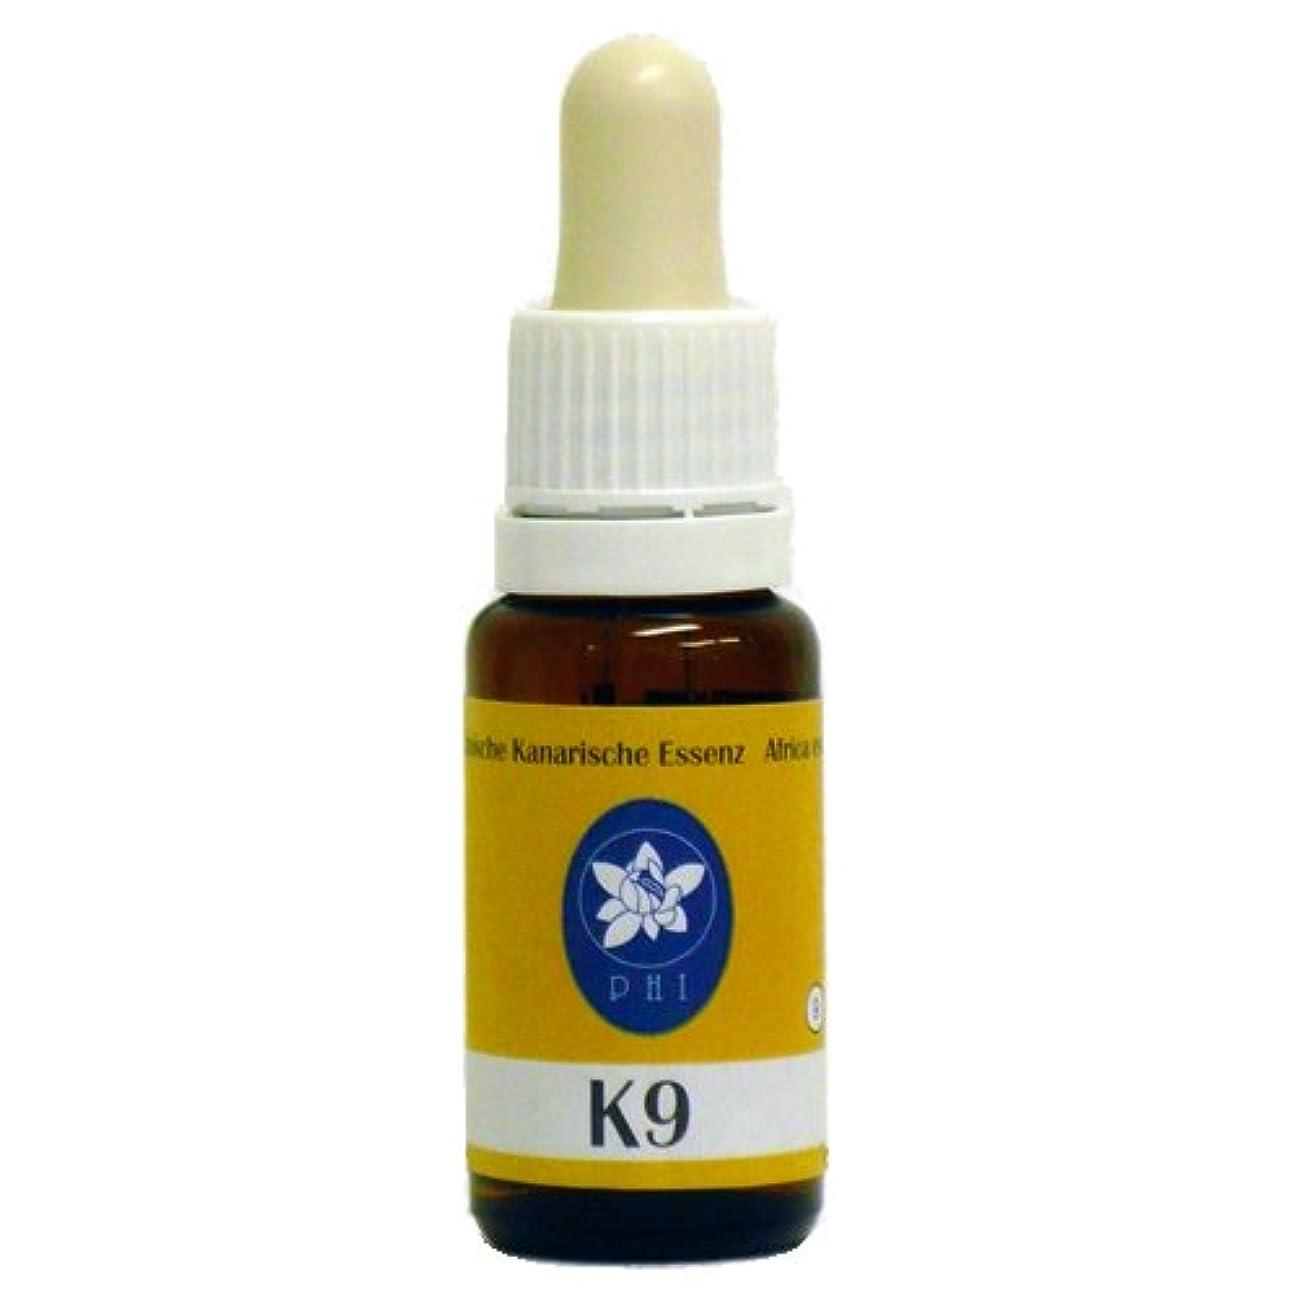 事務所健全皮コルテPHI K9 15ml アフリカン&カナリーアイランドエッセンス 日本国内正規品